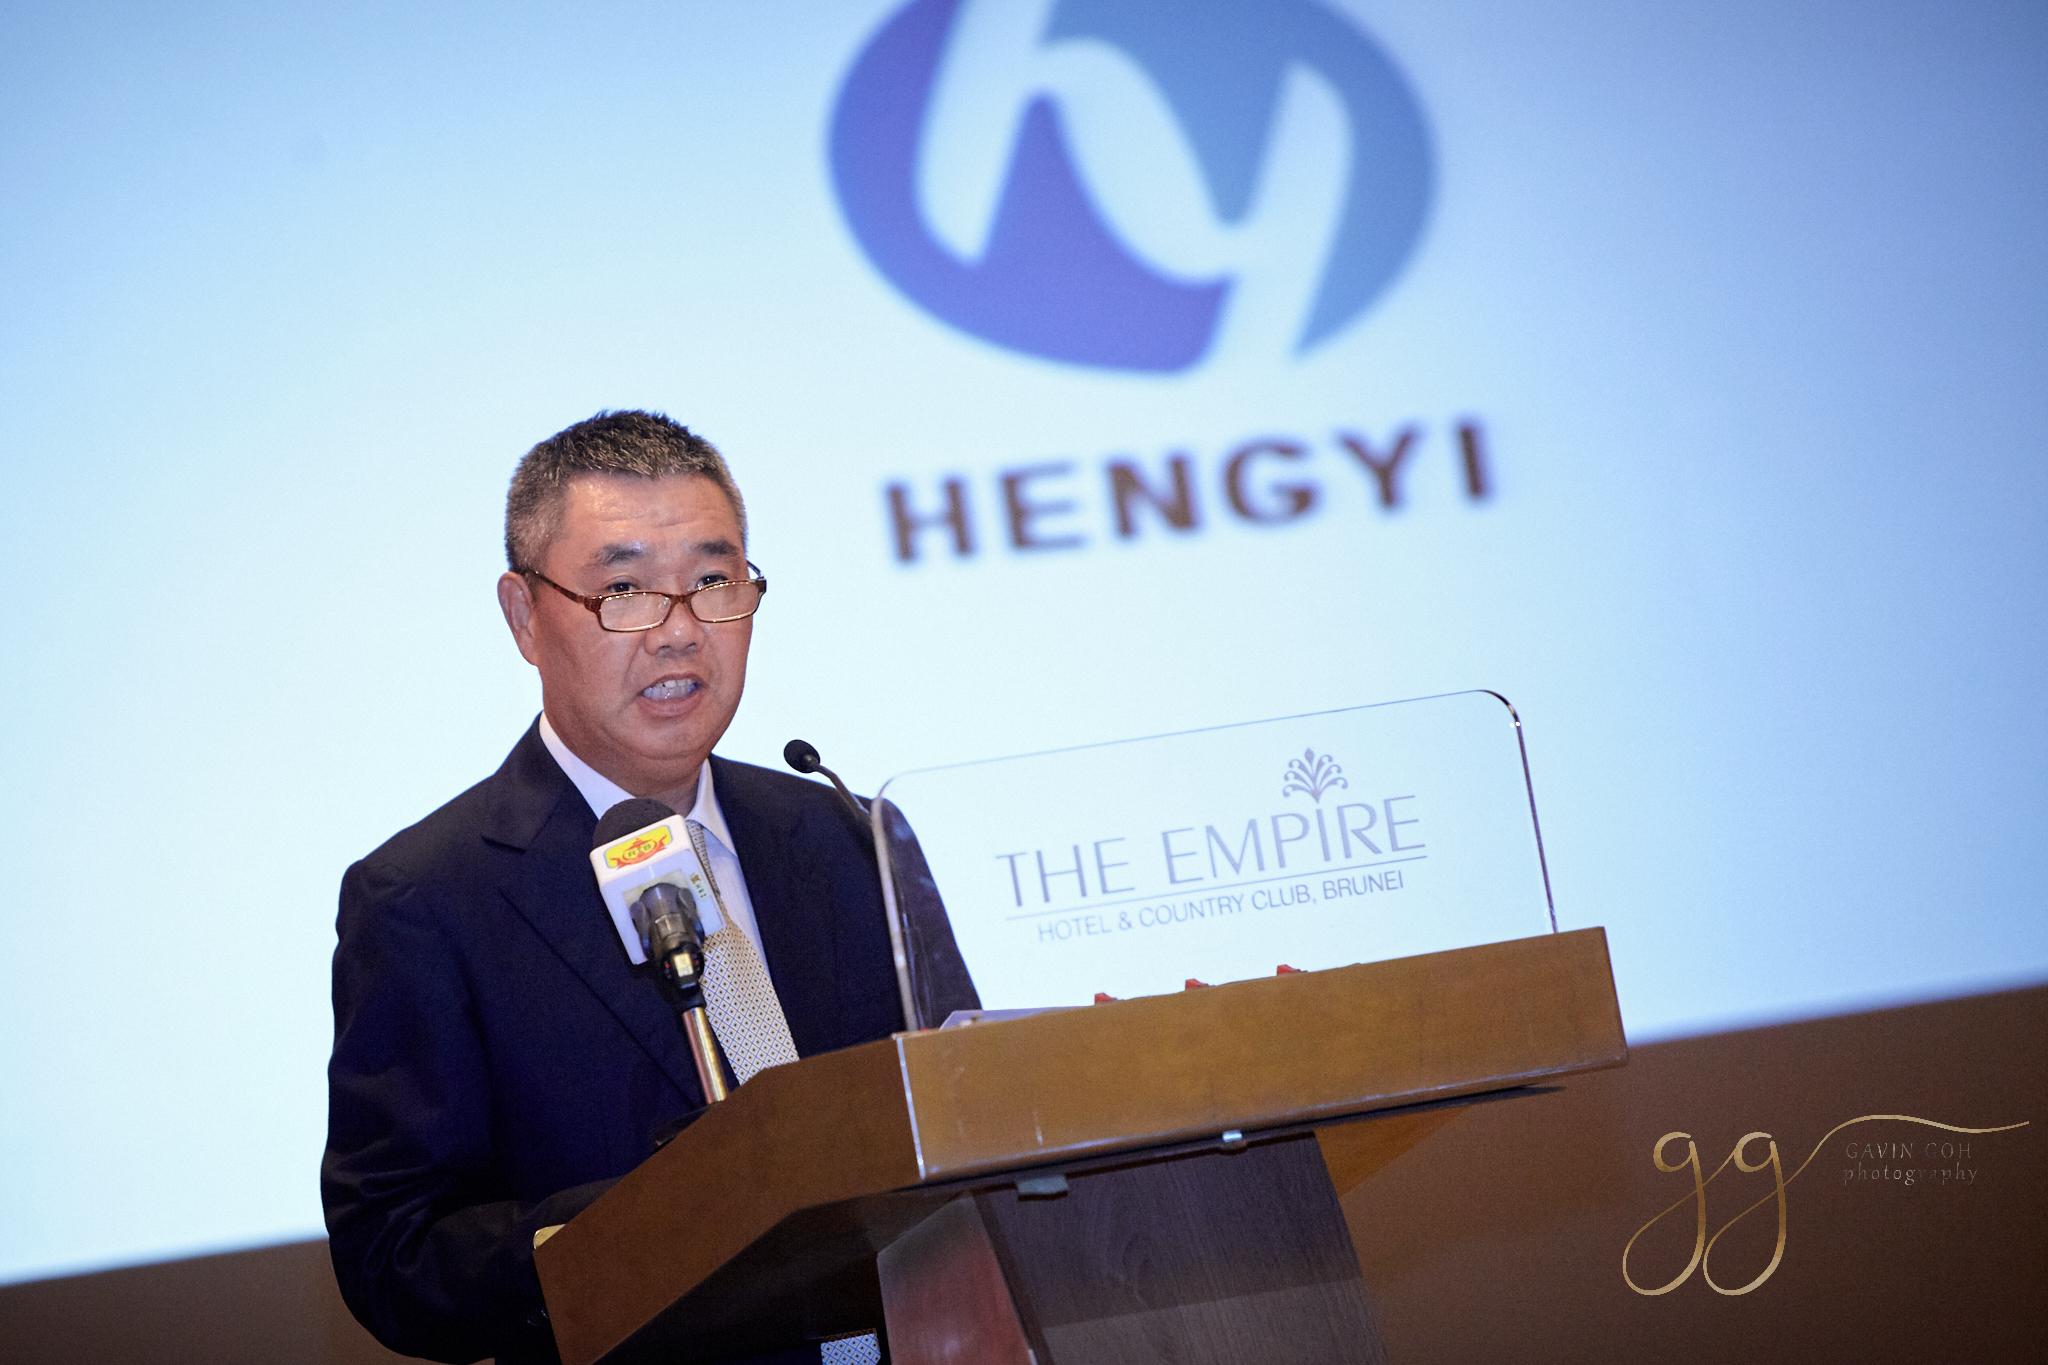 Hengyi20170327_10